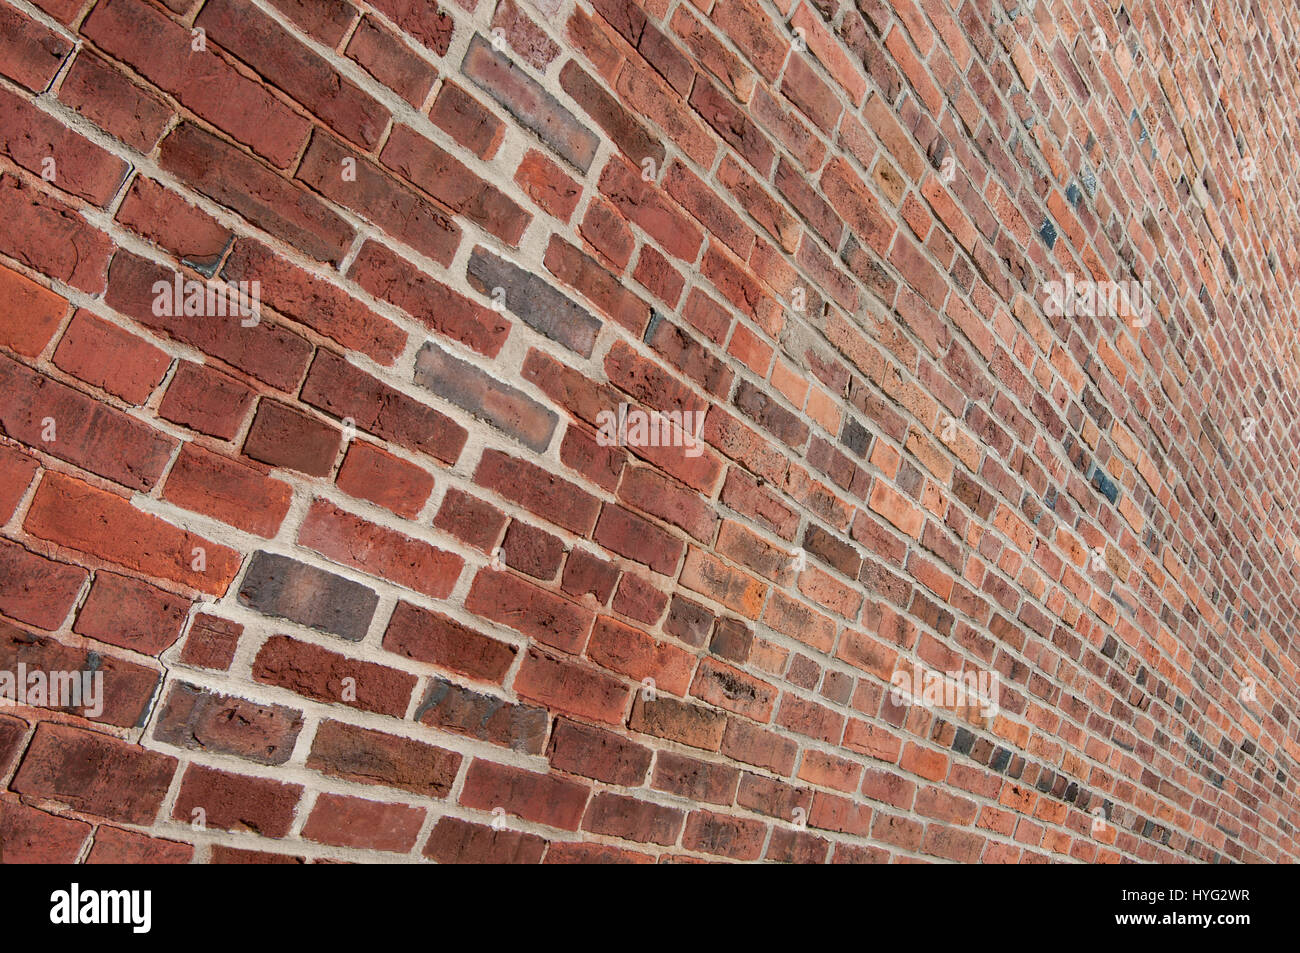 Ziegel Wand Perspektive: Eine Mauer Rekonstruiert Mit Alten Ziegel Formen  Ein Mosaik Aus Farben Und Formen.